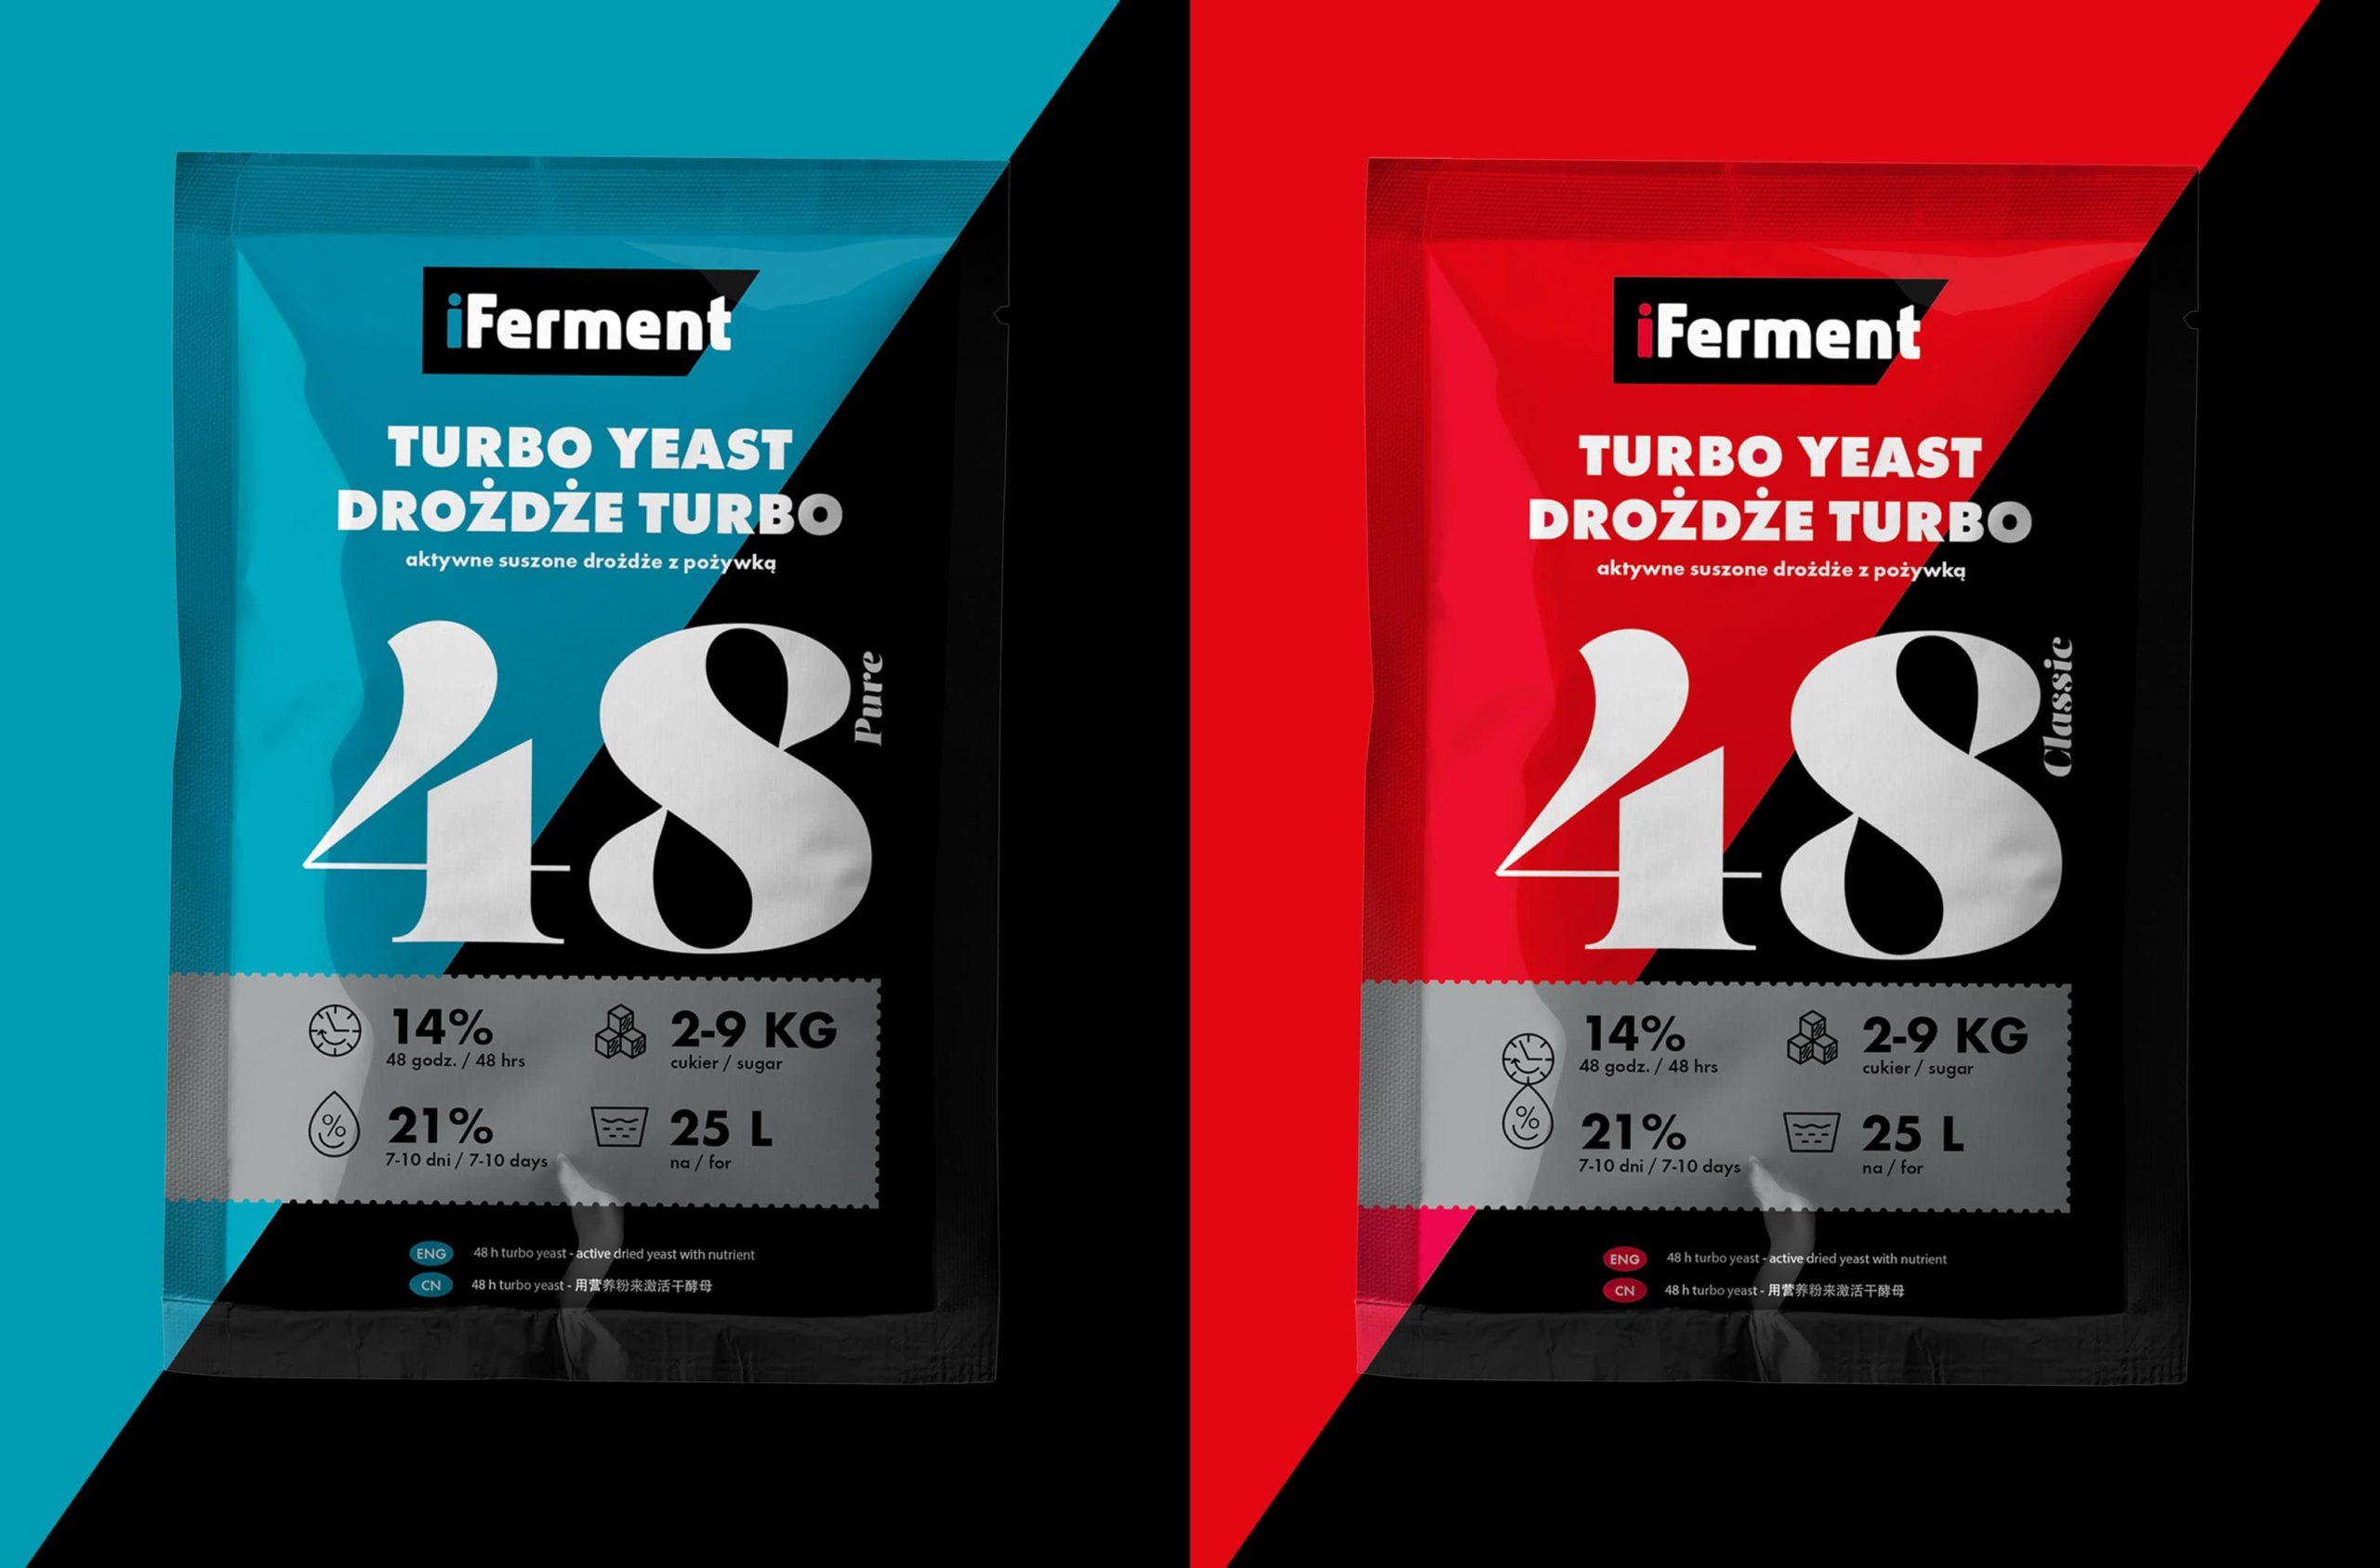 projekt-opakowania-projektowanie-opakowan-etykiet-etykiety-studio-graficzne-lodz-warszawa-branding-packaging-design